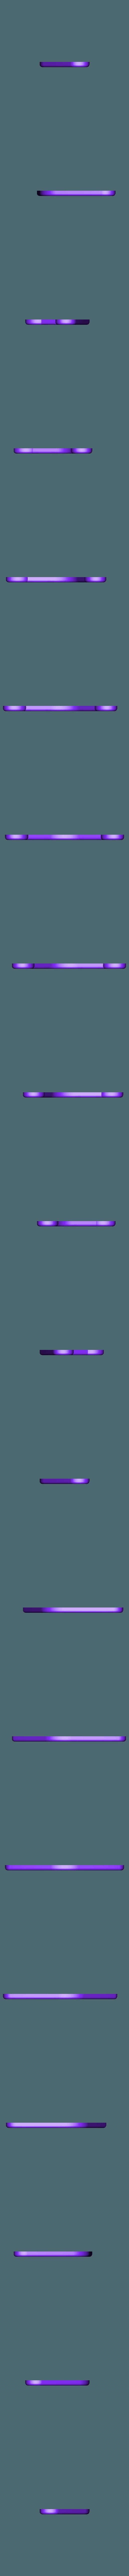 cover_aomway.stl Télécharger fichier STL gratuit Protection de la CAM du FPV Aomway • Modèle pour imprimante 3D, touchthebitum